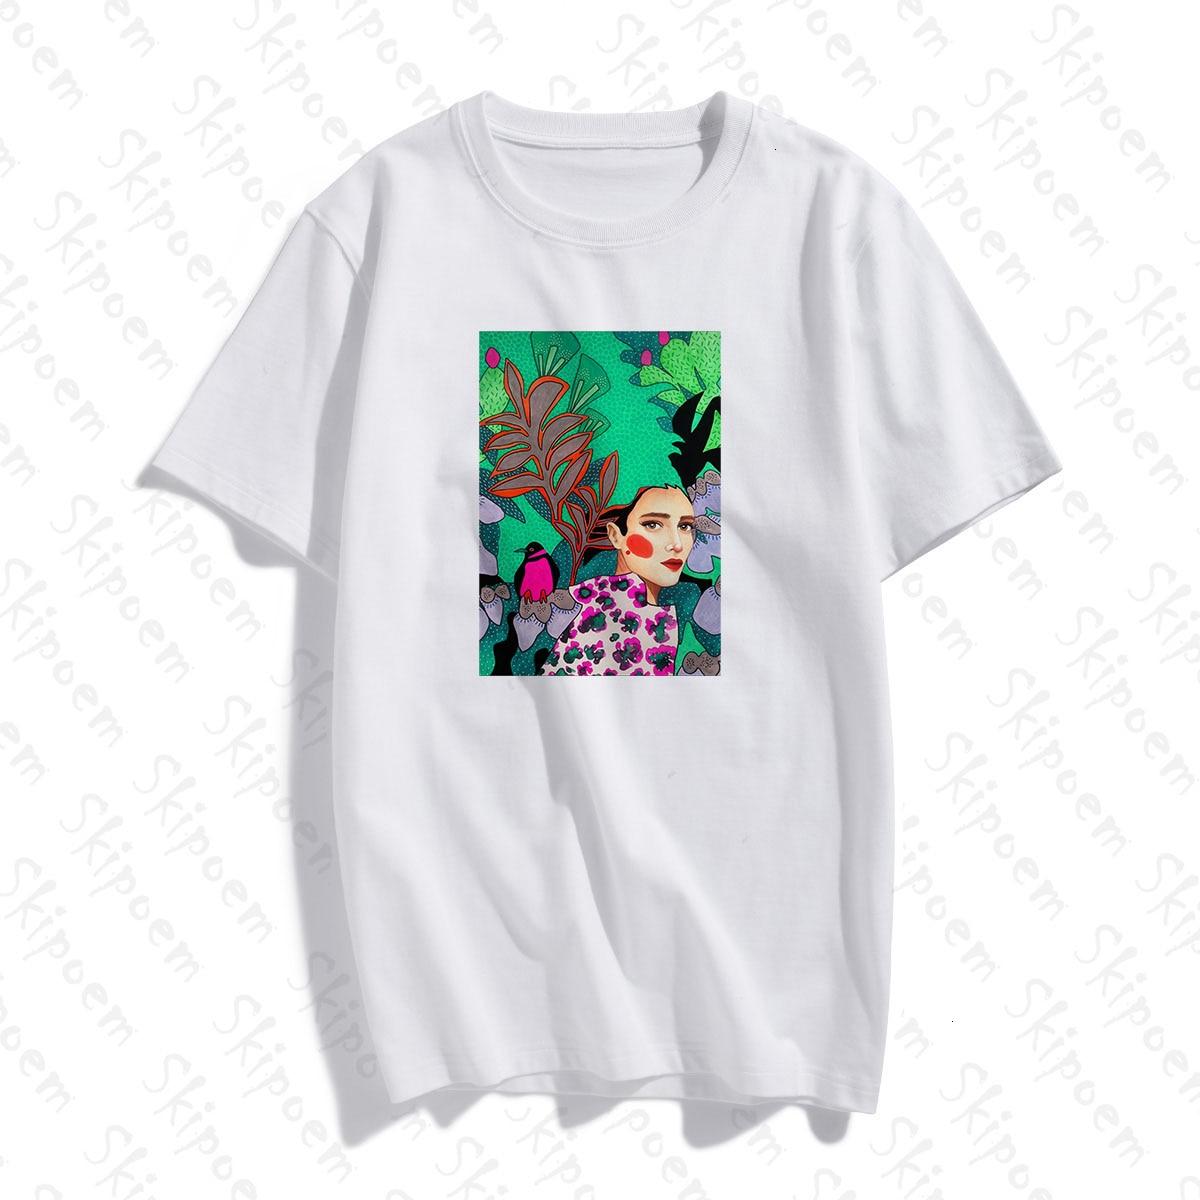 Estilo nórdico abstracto chica Londres arte mujeres camiseta estética Punk gótico Vintage algodón manga corta de talla grande Ropa Camisetas Camiseta con letras de amigos, camiseta de moda de verano para mujer con dibujos estéticos de amigos, pantalón corto informal de manga corta, graciosas camisetas coreanas para mujer